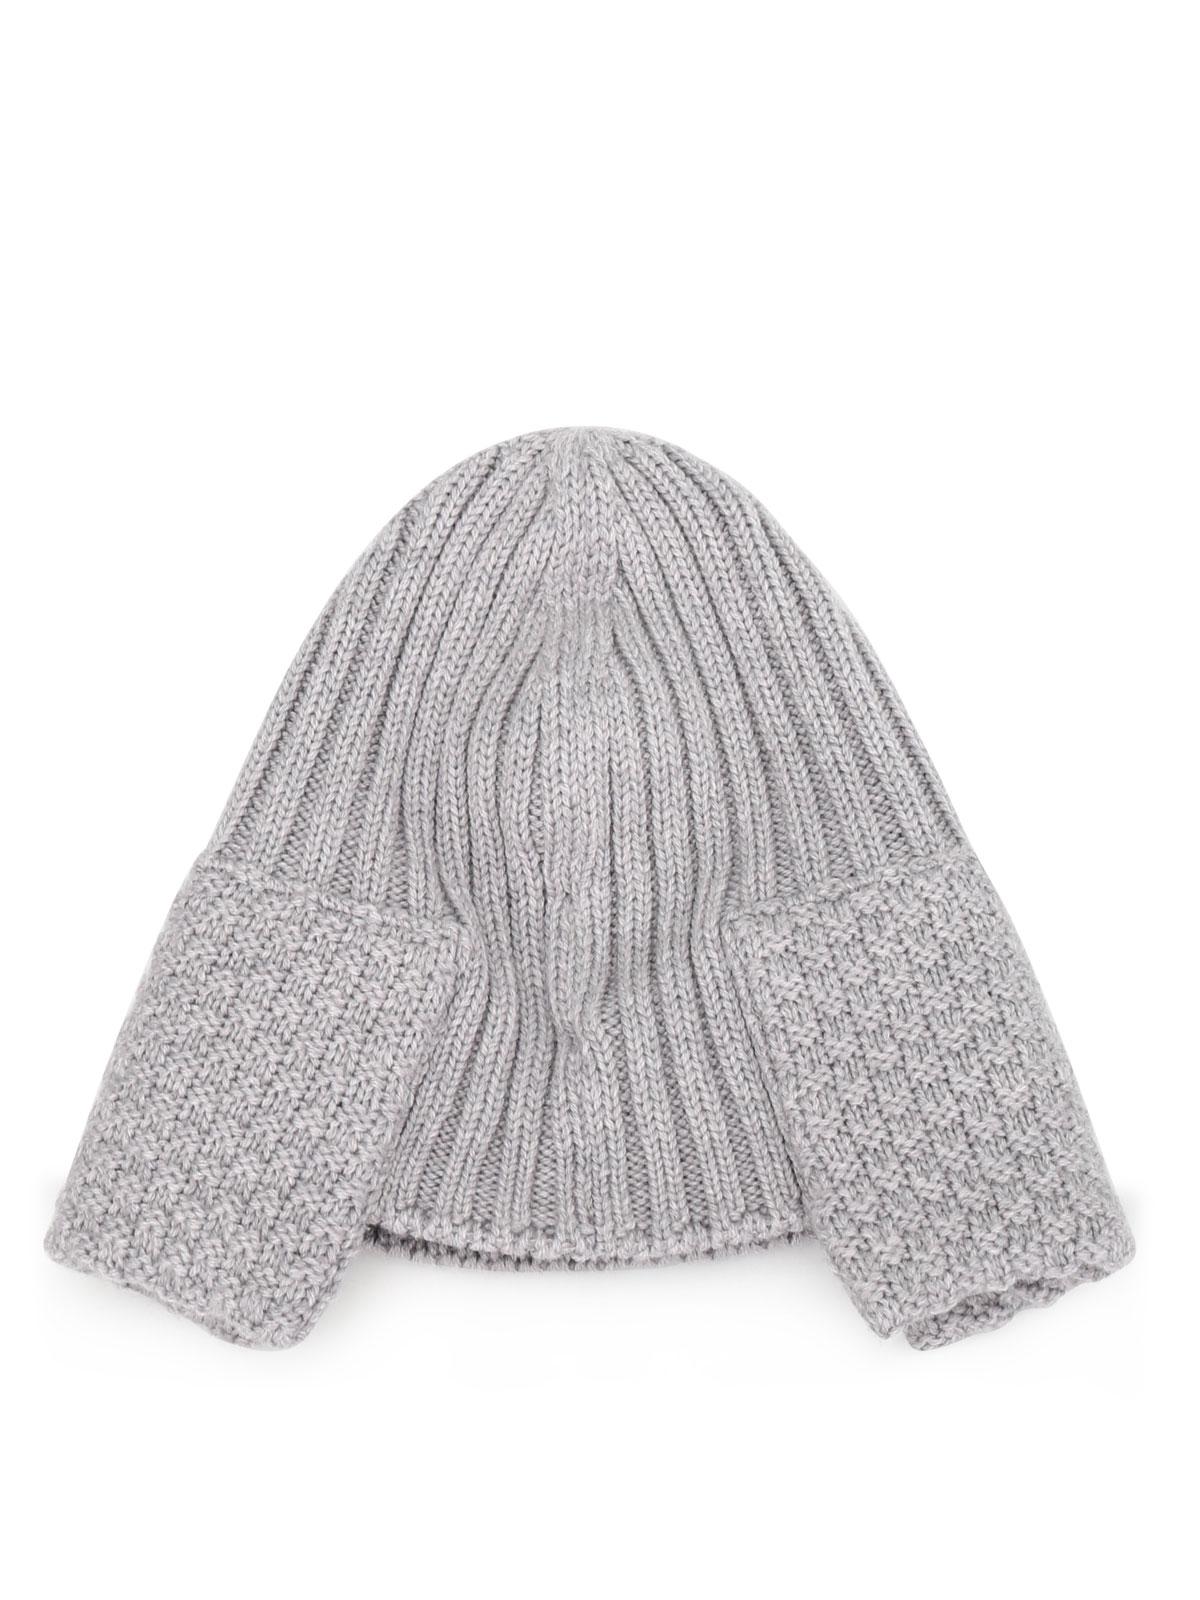 2a78ad1b5e8 Moncler - Knit virgin wool beanie - beanies - B2 093 0021600 03510 987